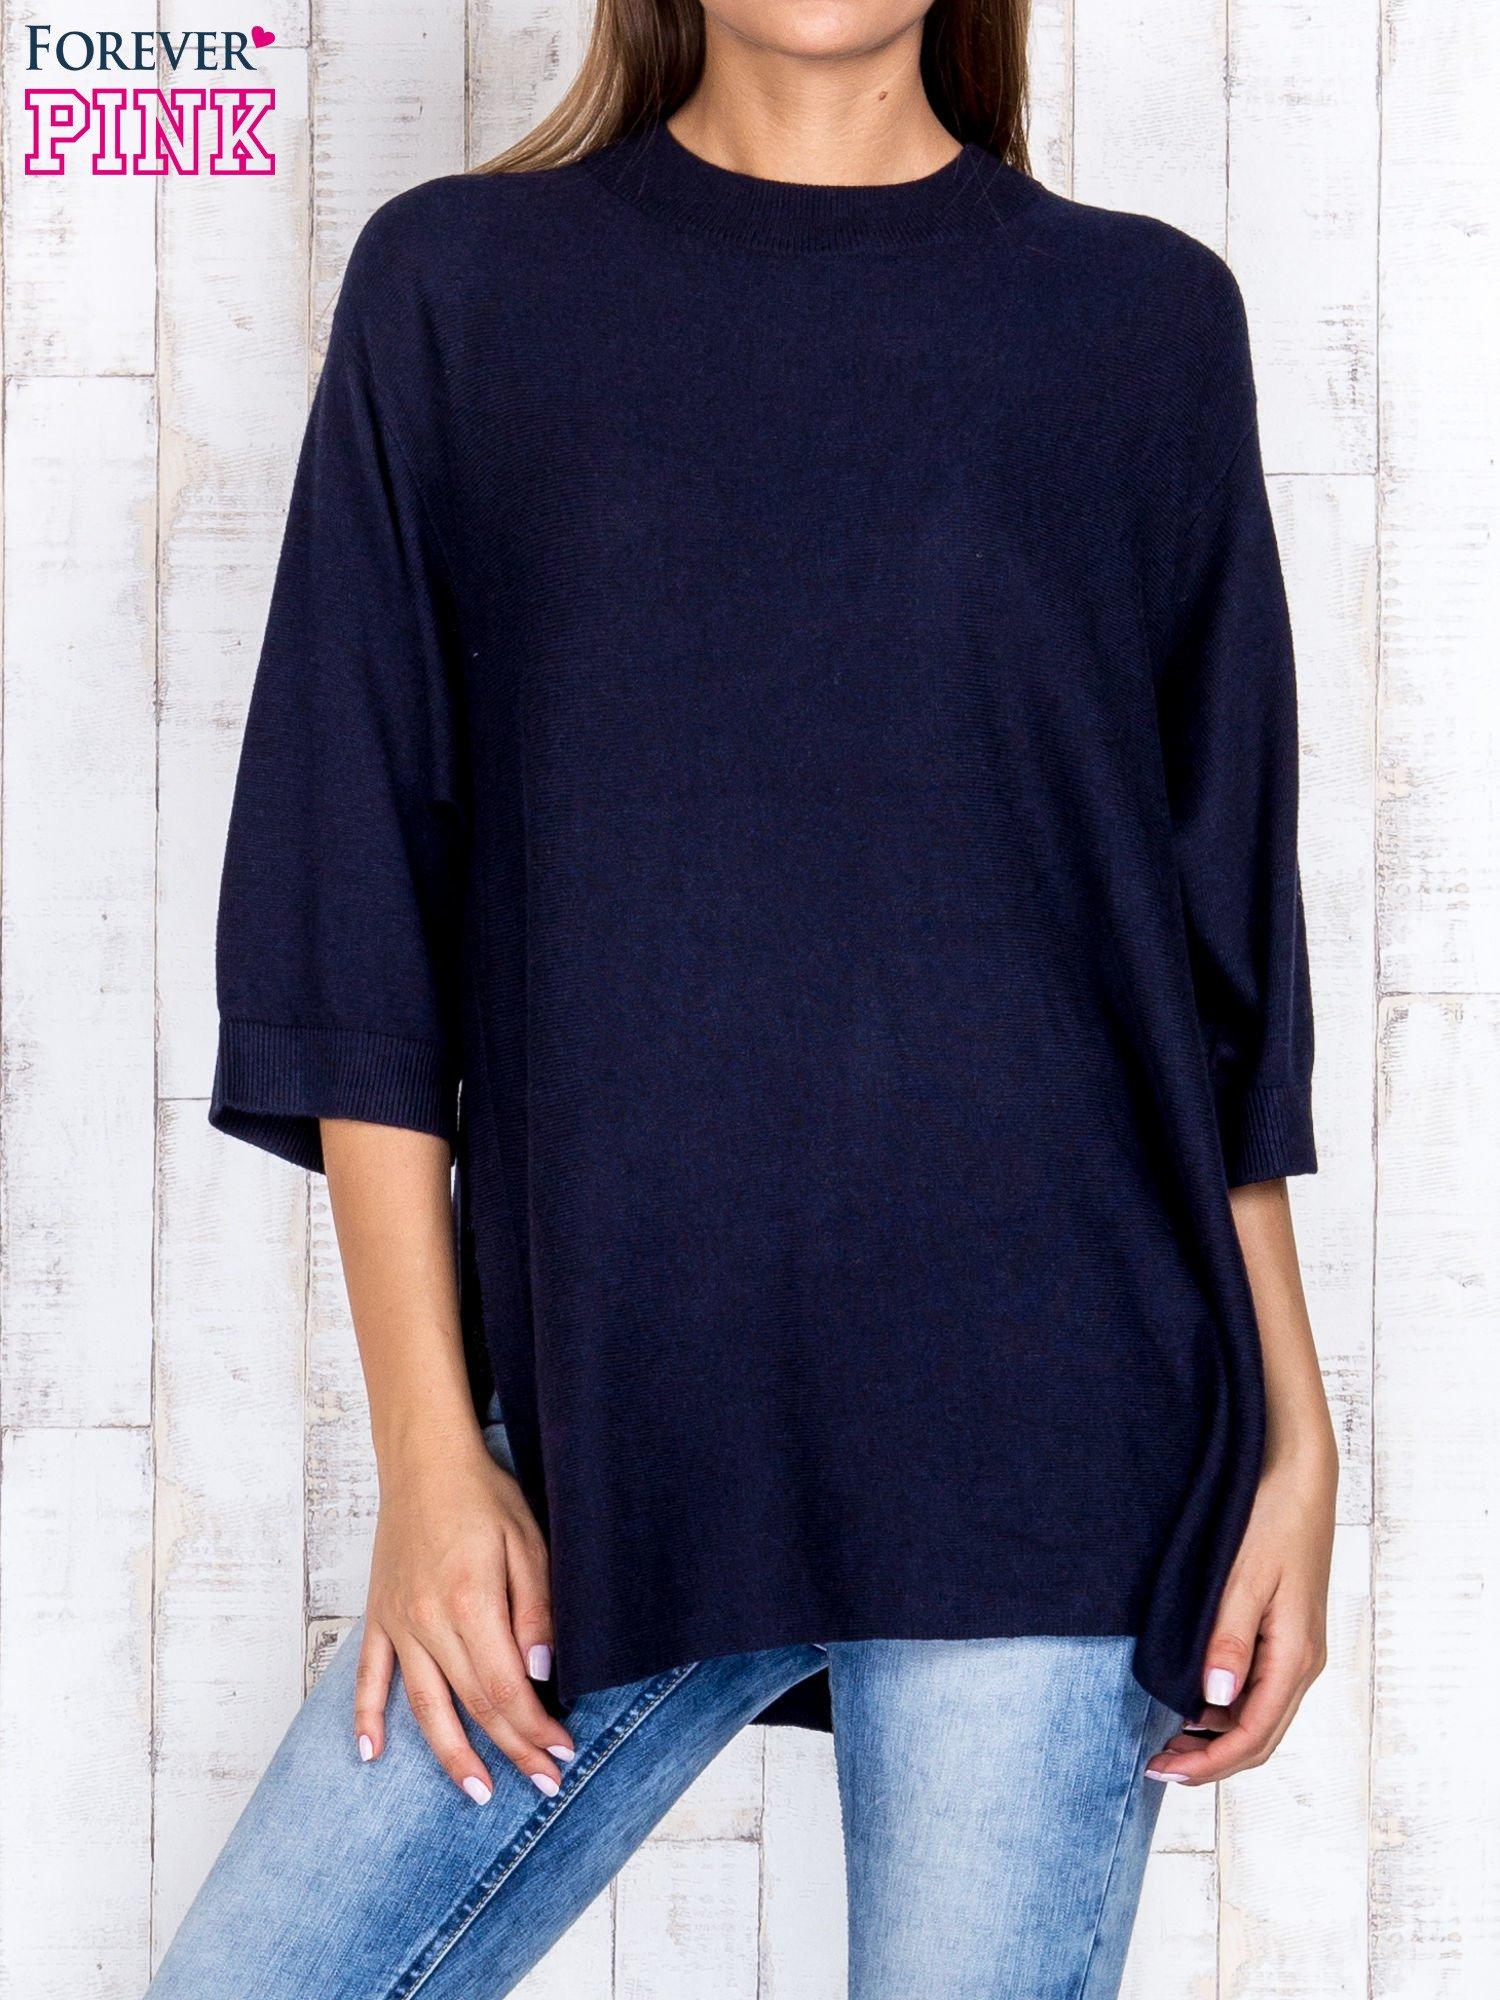 Granatowy luźny sweter oversize z bocznymi rozcięciami                                  zdj.                                  1